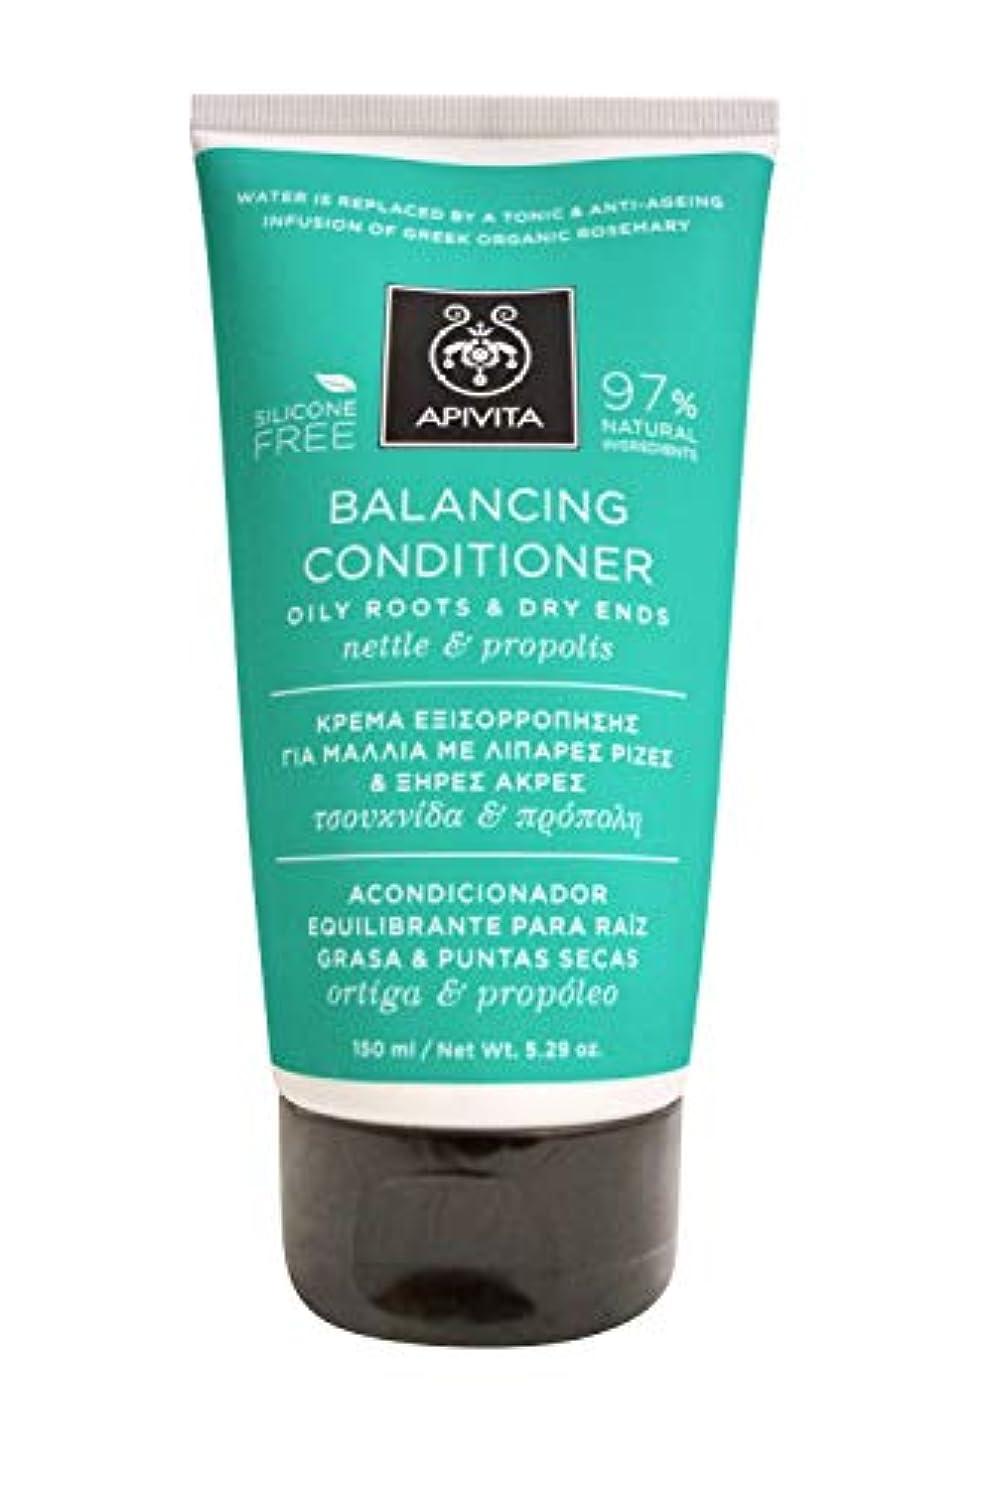 車両天才不利アピヴィータ Balancing Conditioner with Nettle & Propolis (Oily Roots & Dry Ends) 150ml [並行輸入品]